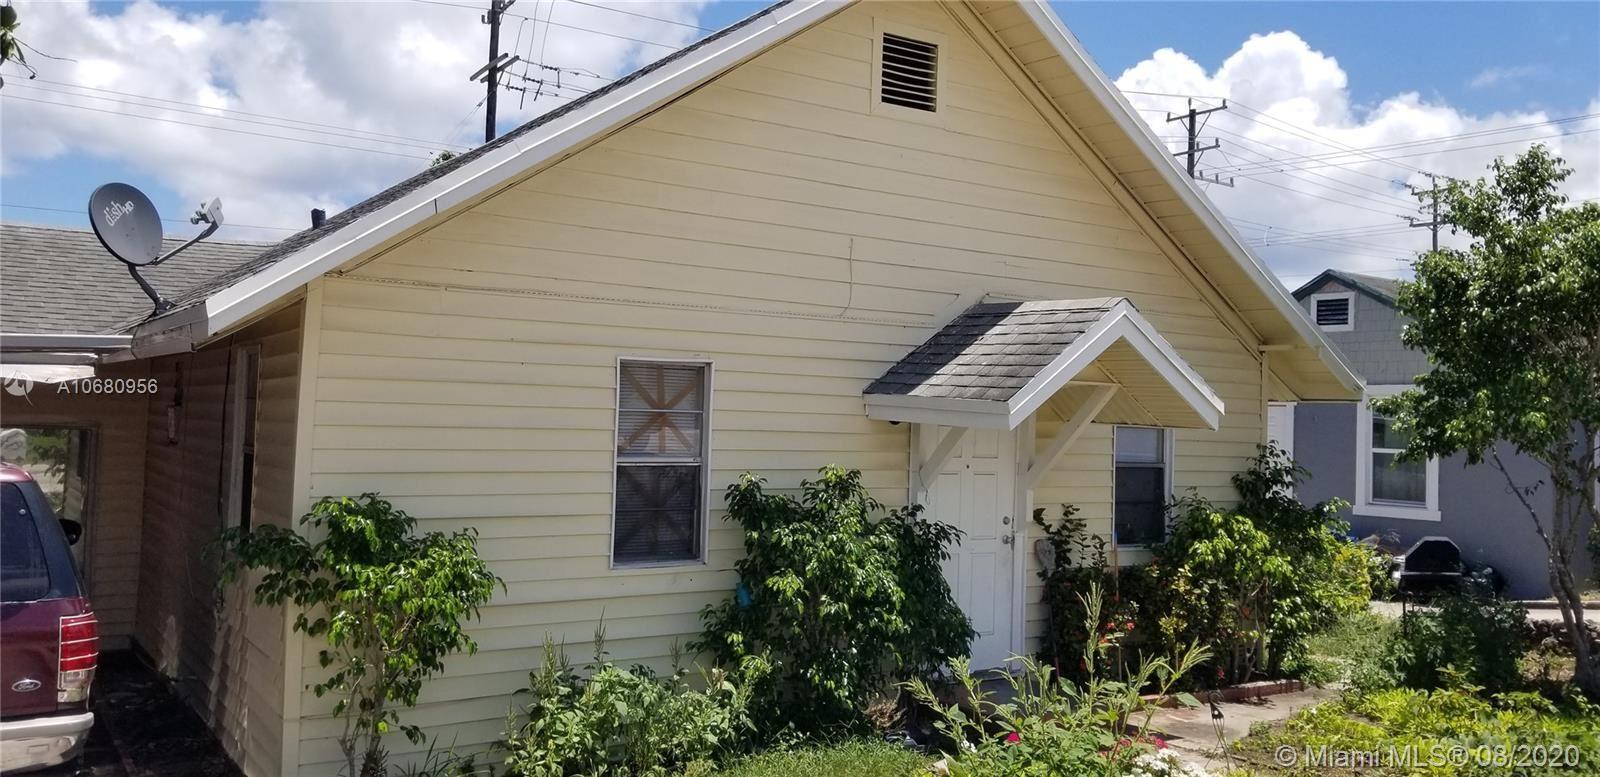 710 N A St, Lake Worth, FL 33460 - #: A10680956